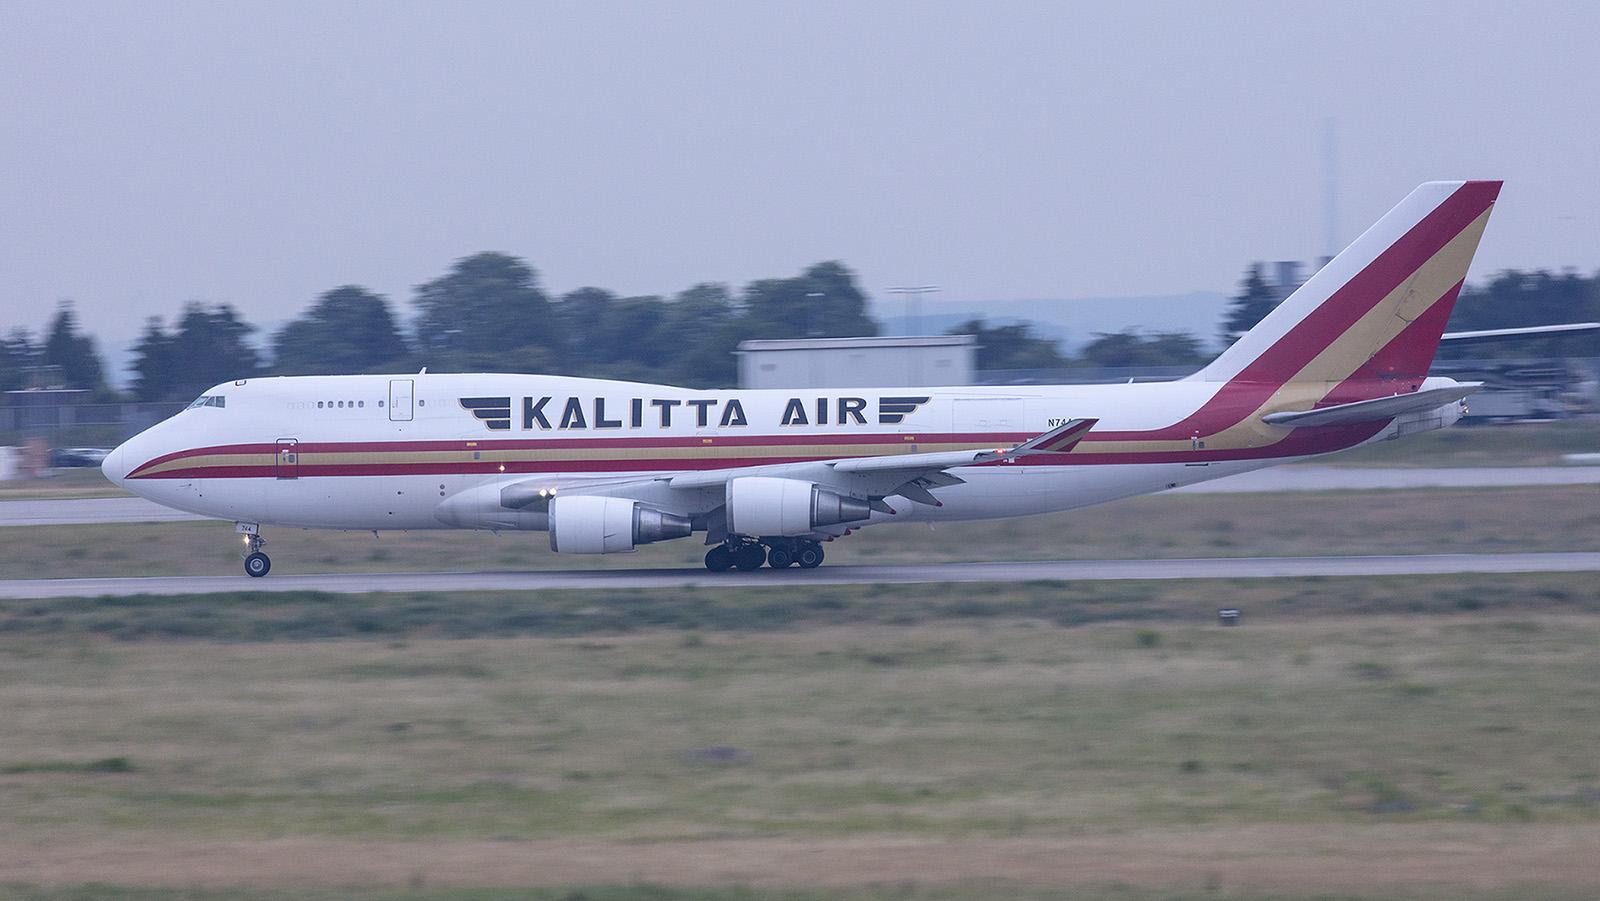 Boeing 747-446(BCF) der Kalitta Air. Wie die Kundennummer verrät, flog sie früher bei Japan Airlines.